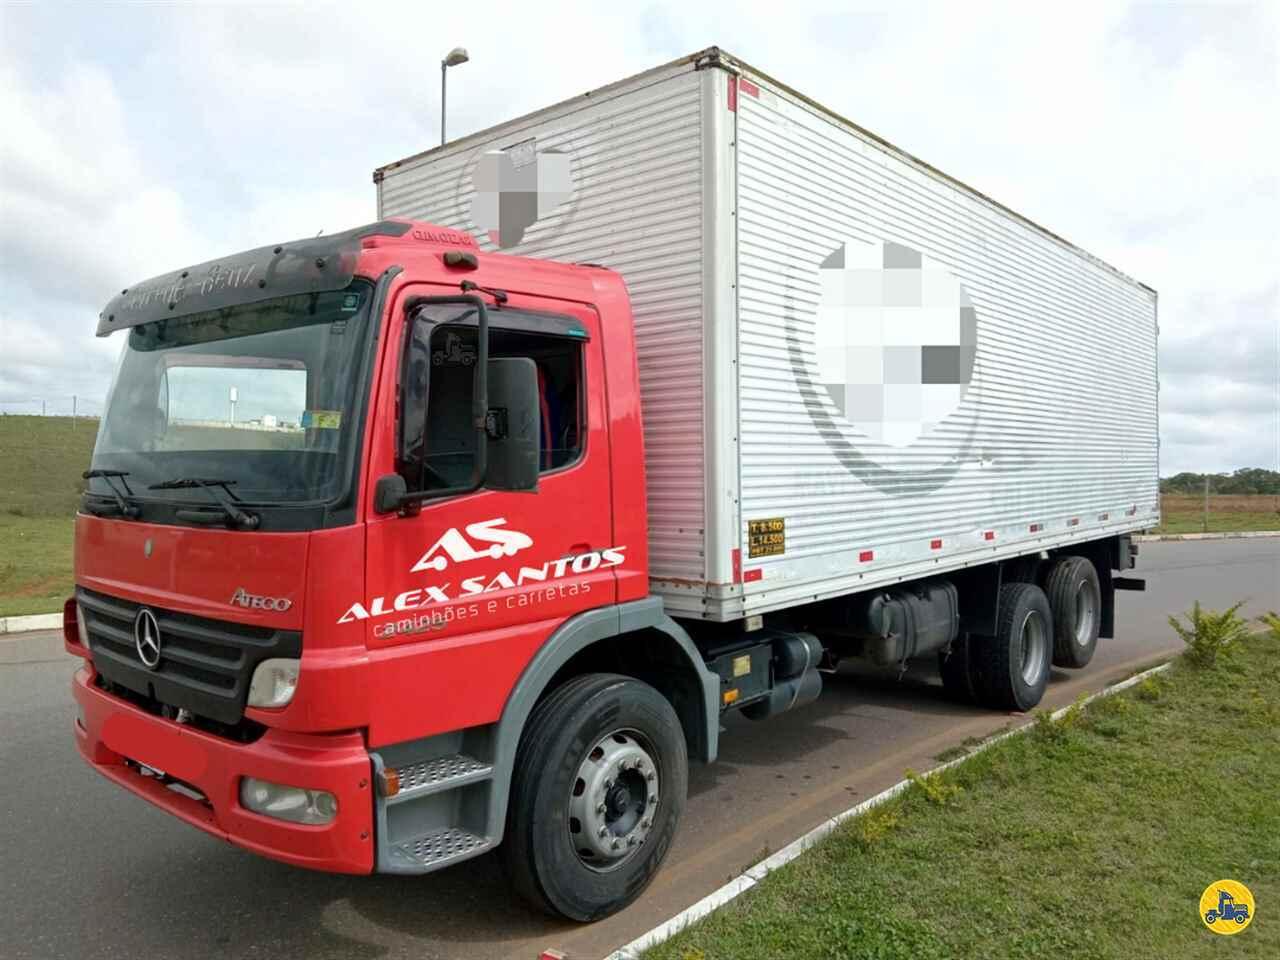 CAMINHAO MERCEDES-BENZ MB 2425 Baú Furgão Truck 6x2 Alex Santos Caminhões - Pouso Alegre POUSO ALEGRE MINAS GERAIS MG